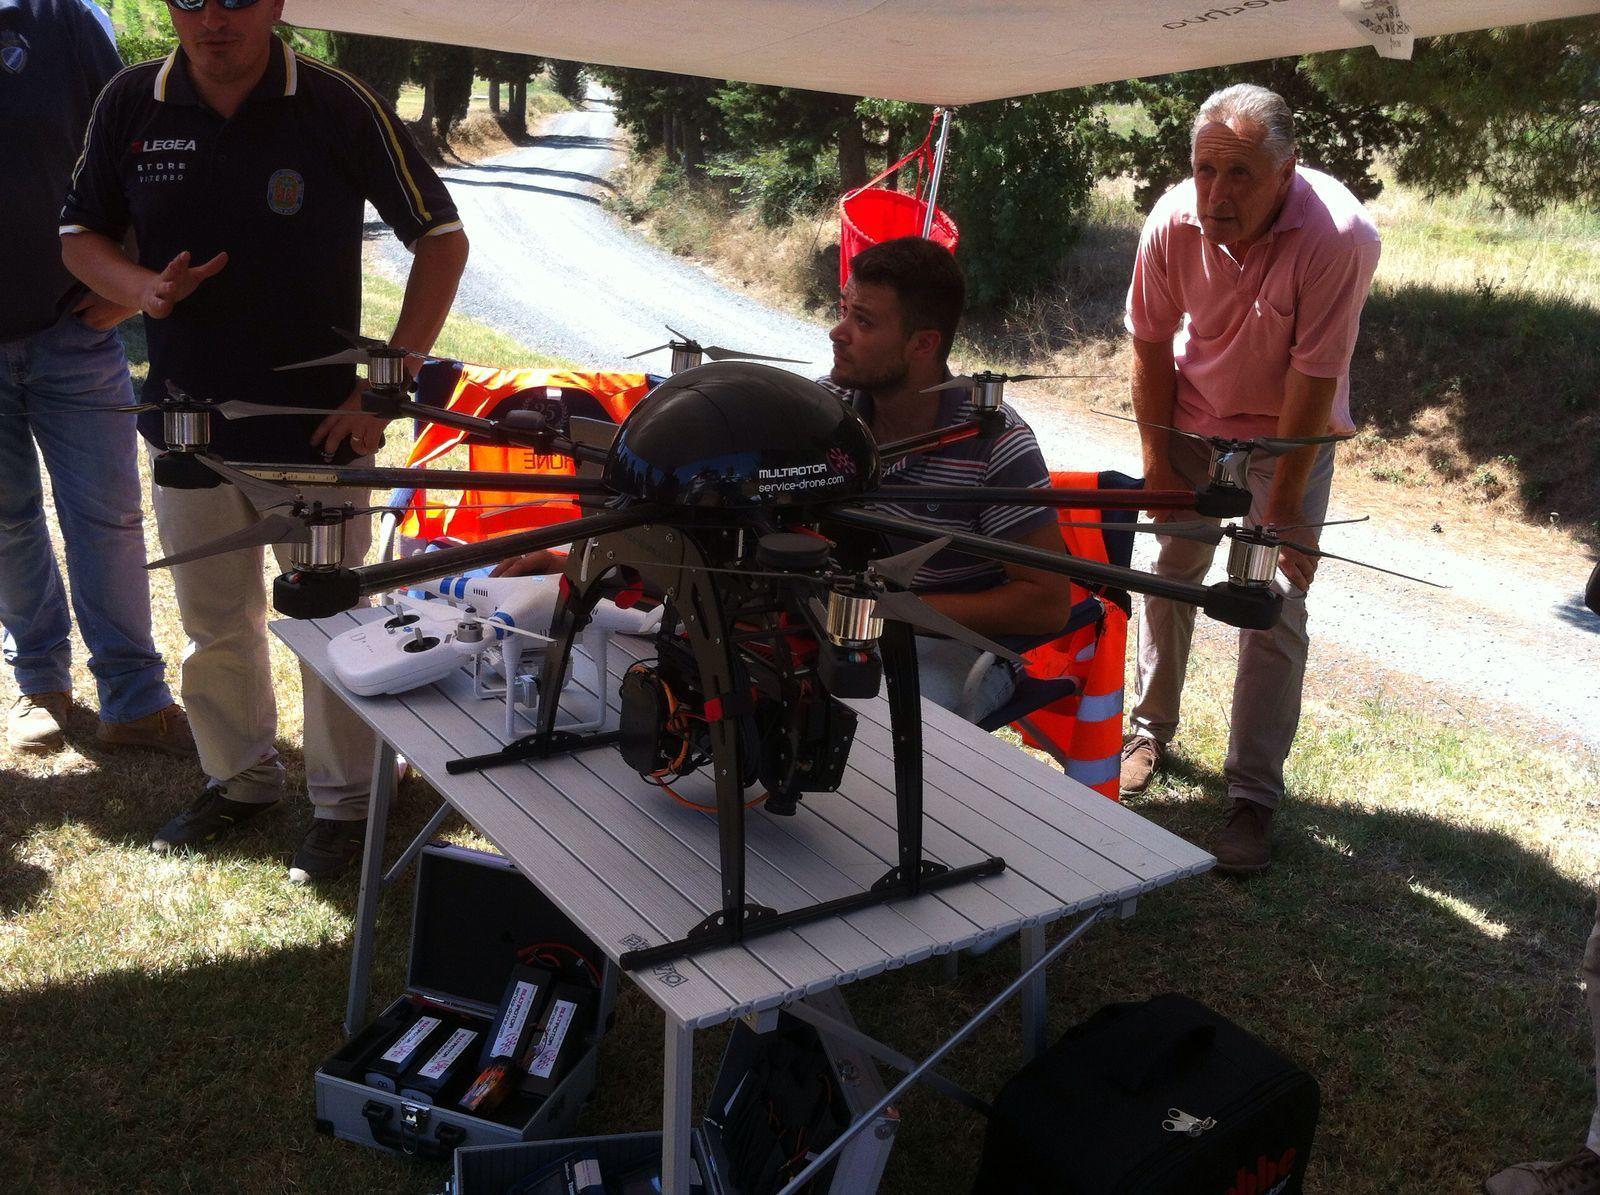 Green Care e droni sentinella a Vinitaly 2017